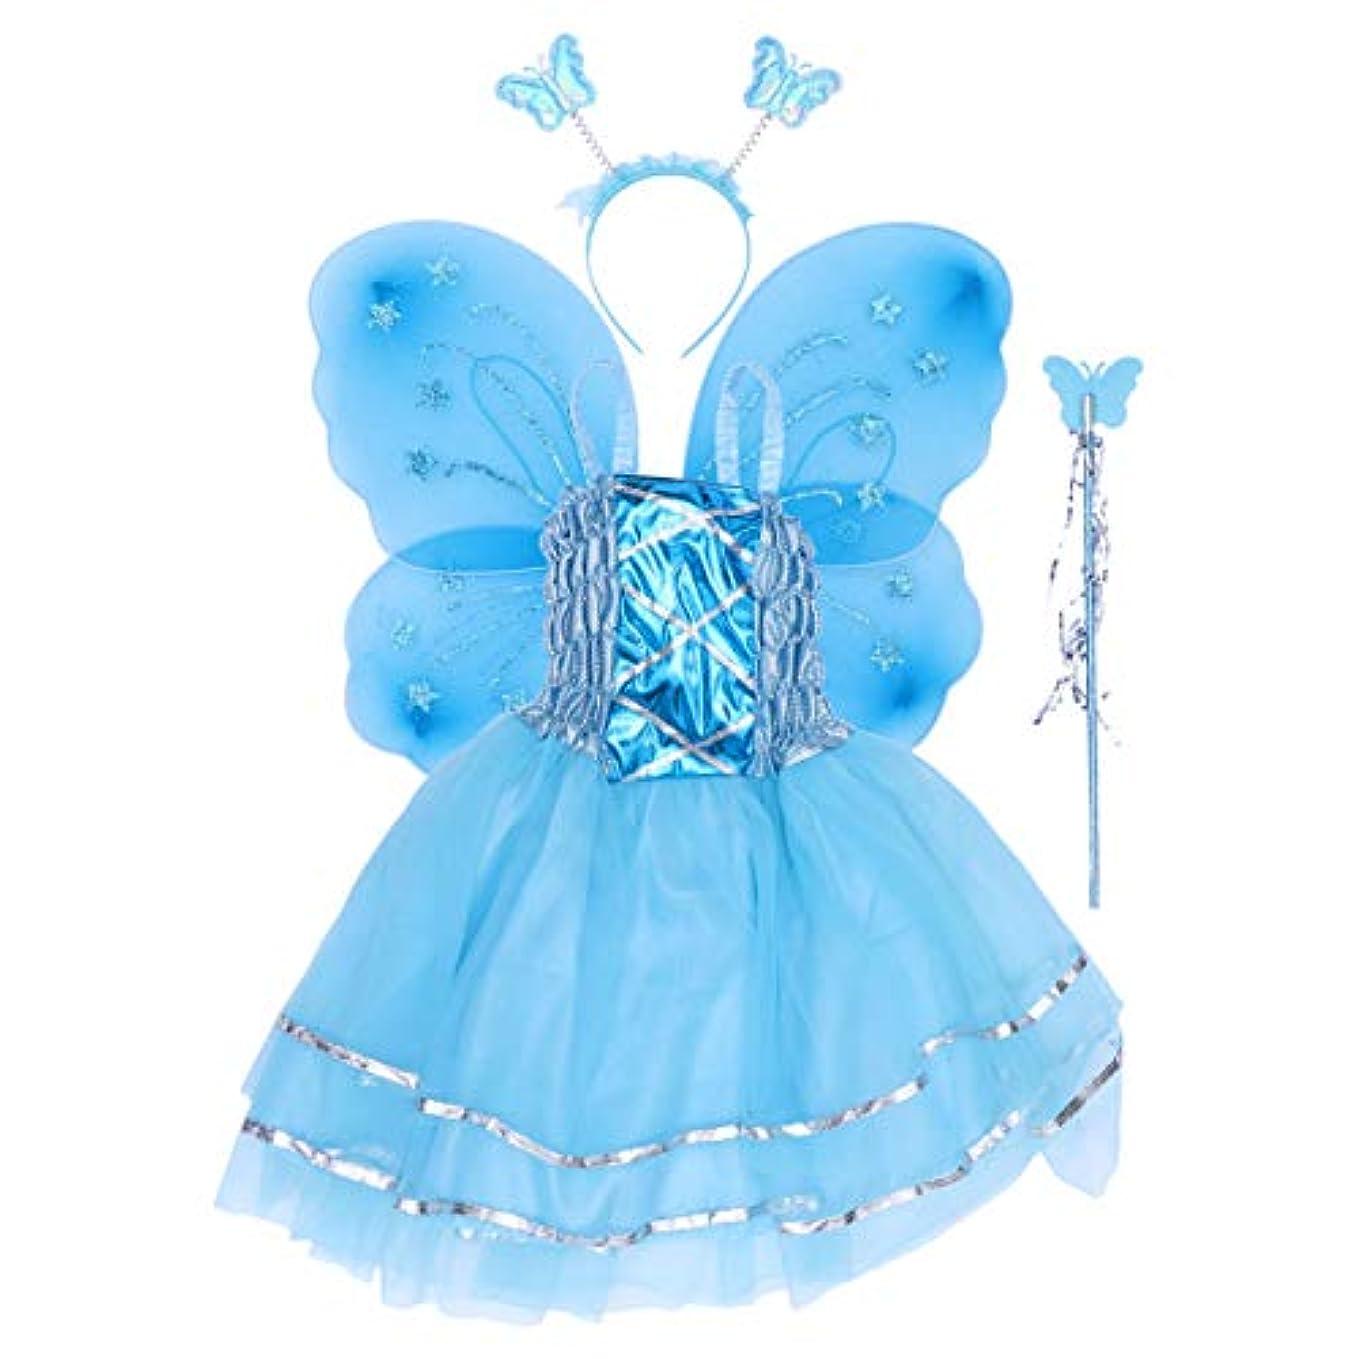 ガードギター未満BESTOYARD 蝶の羽、ワンド、ヘッドバンド、ツツードレス(スカイブルー)と4個の女の子バタフライプリンセス妖精のコスチュームセット